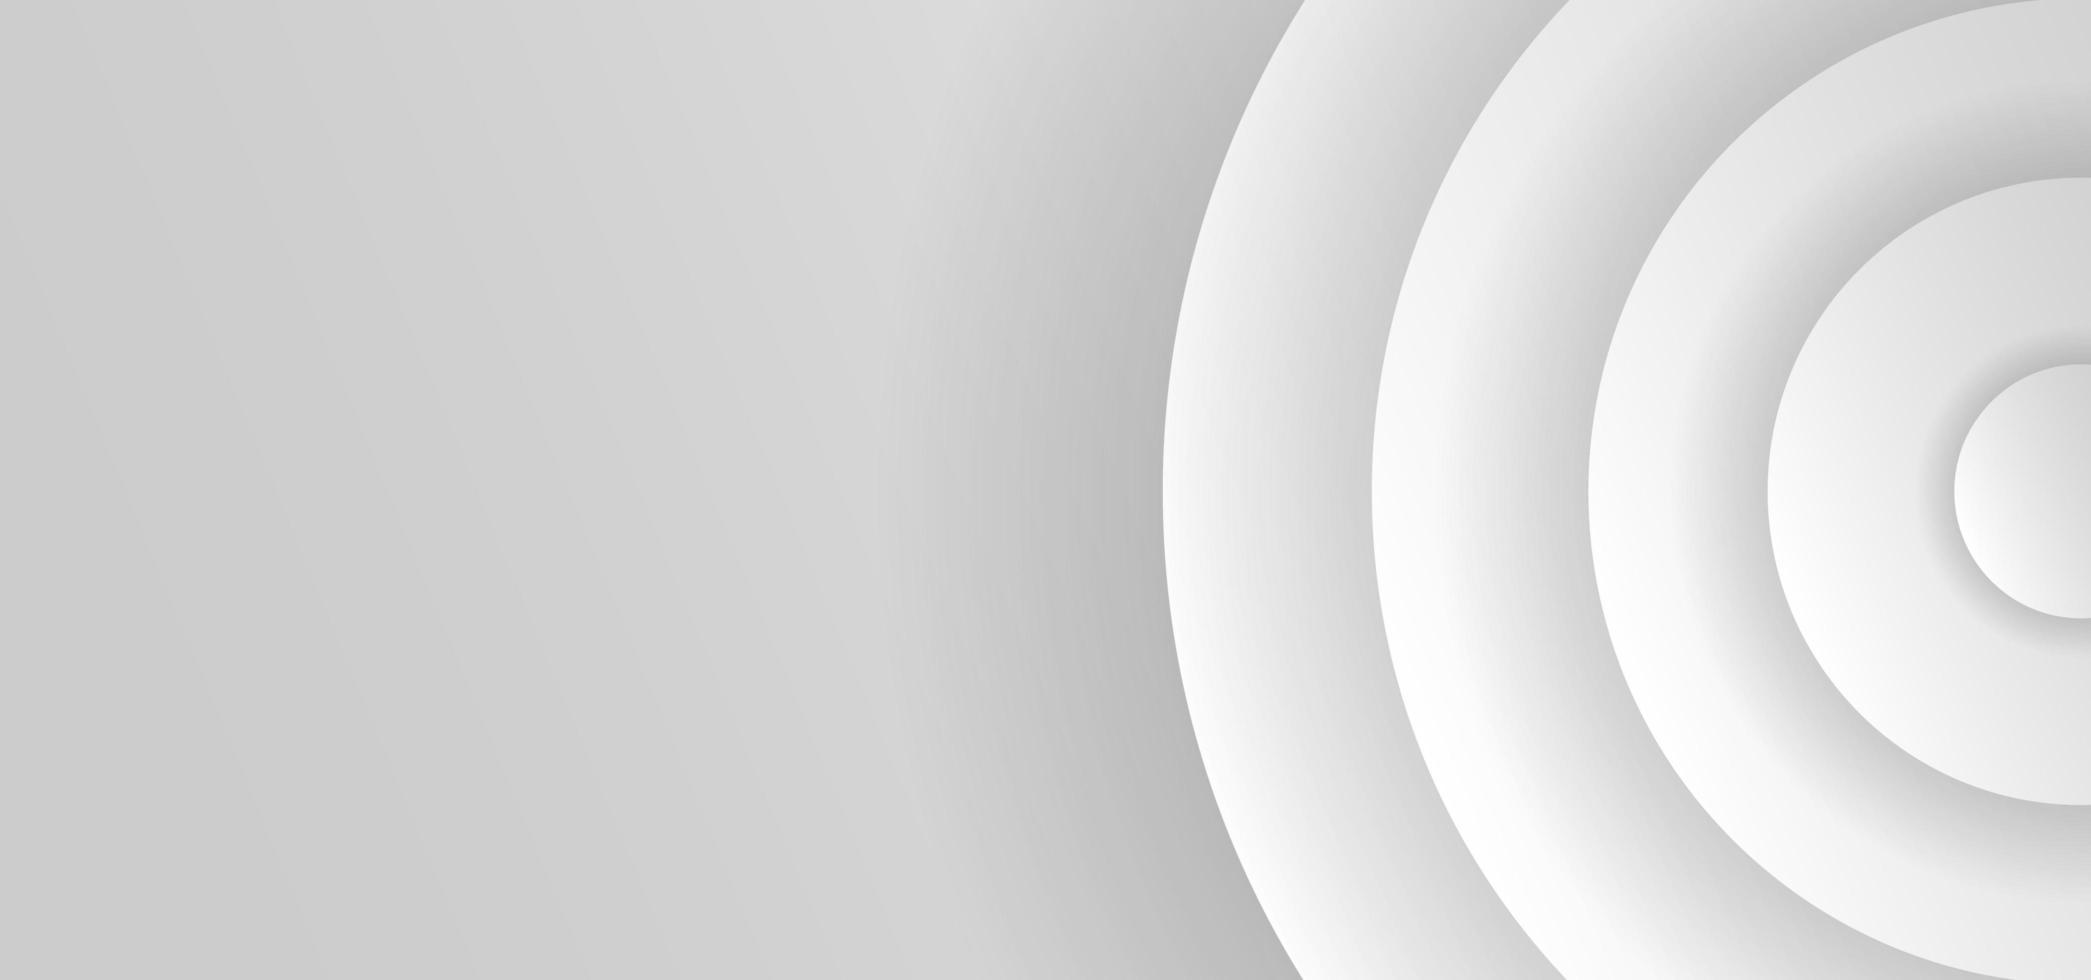 fondo de banner de corte de papel redondo blanco vector